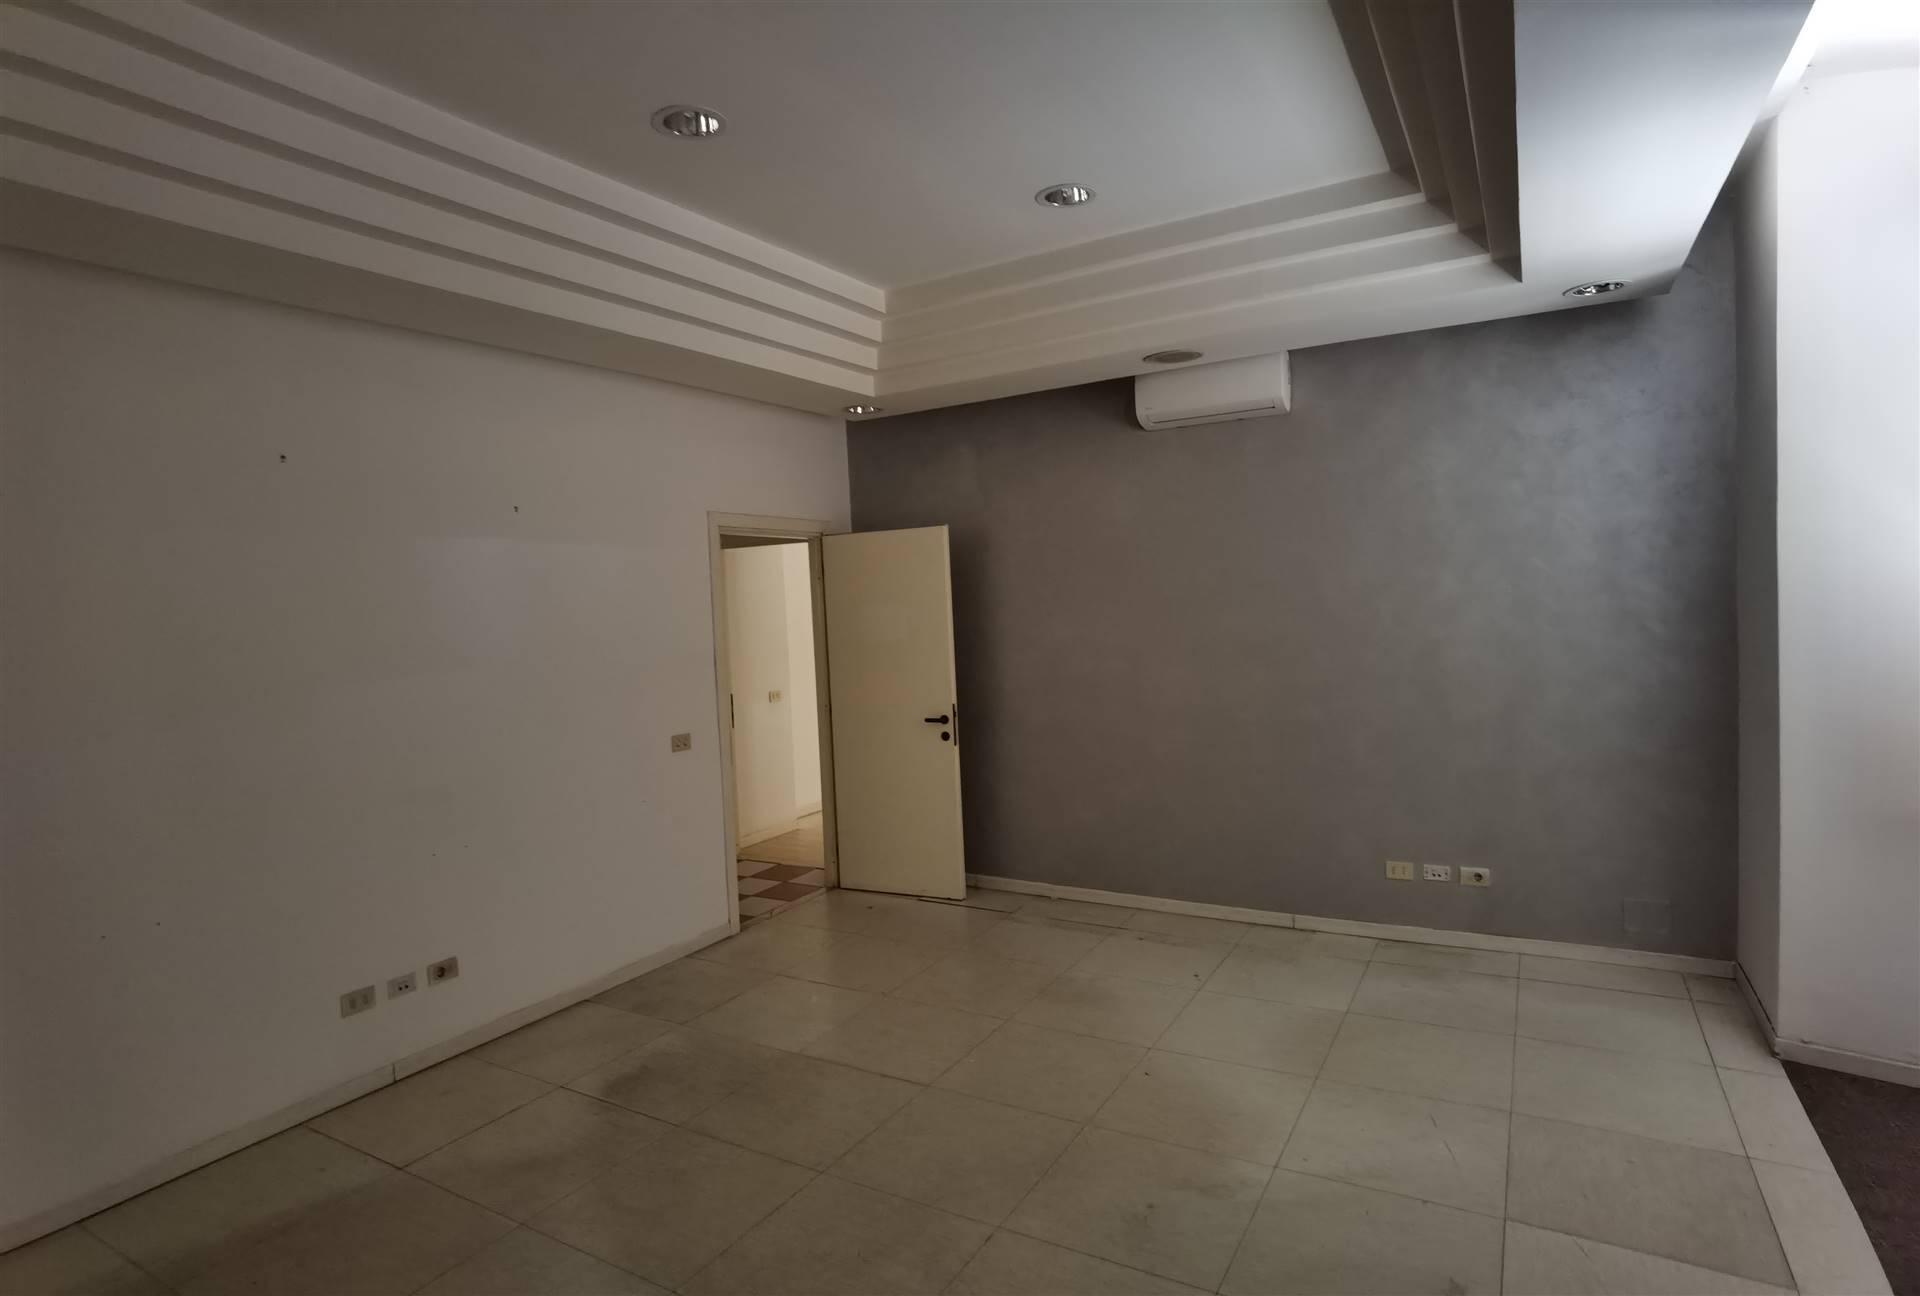 Proponiamo in Locazione e/o in Vendita un ufficio di mq 270 posto al primo piano a Largo Plebiscito, composto da: ampio ingresso, sala attesa, 5